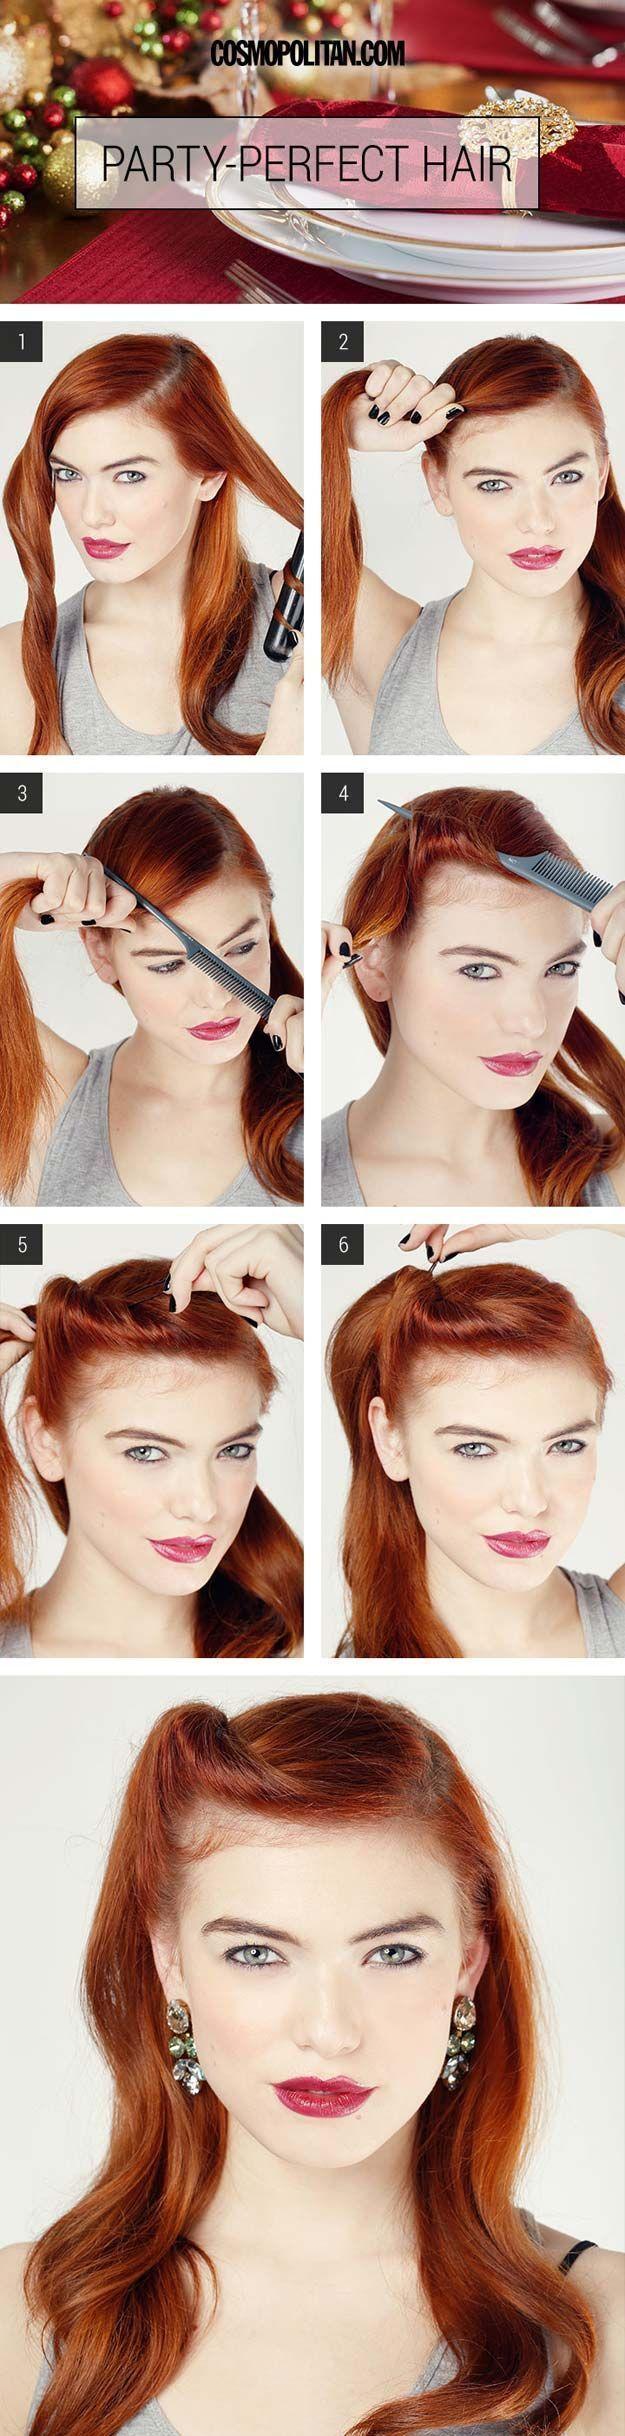 25 +> Coole und einfache DIY-Frisuren - Party Perfect Glam Roll - Schnelle und einfache Ideen für